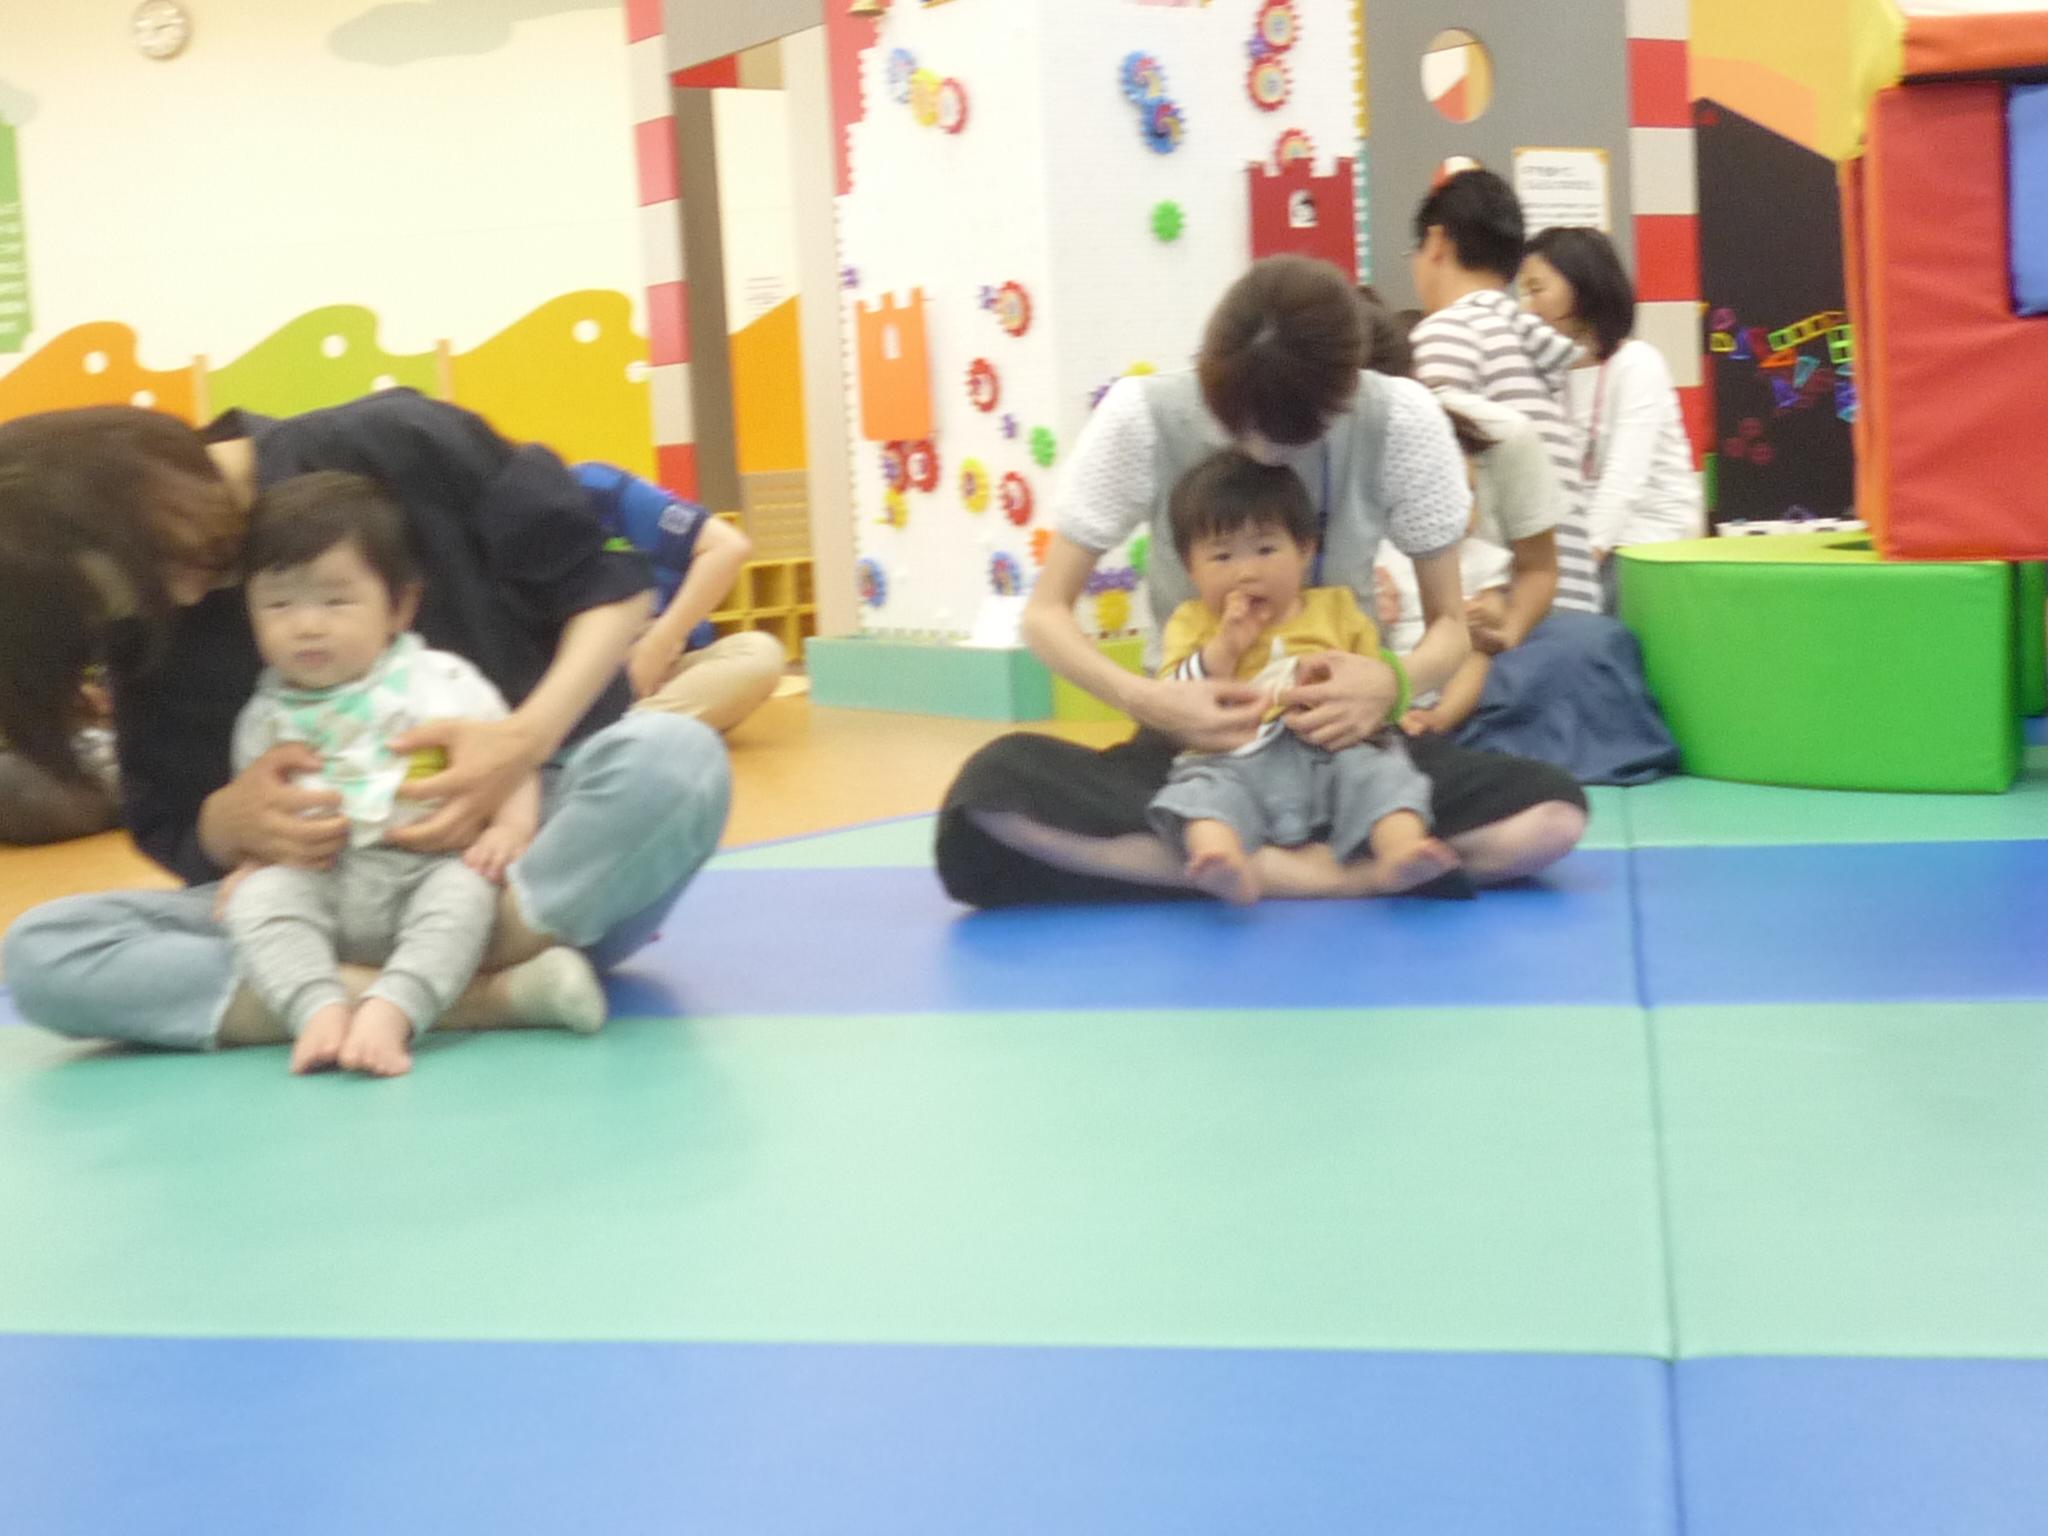 【イベント】ママさん障害物走(5/23)ハイハイレース(5/25)